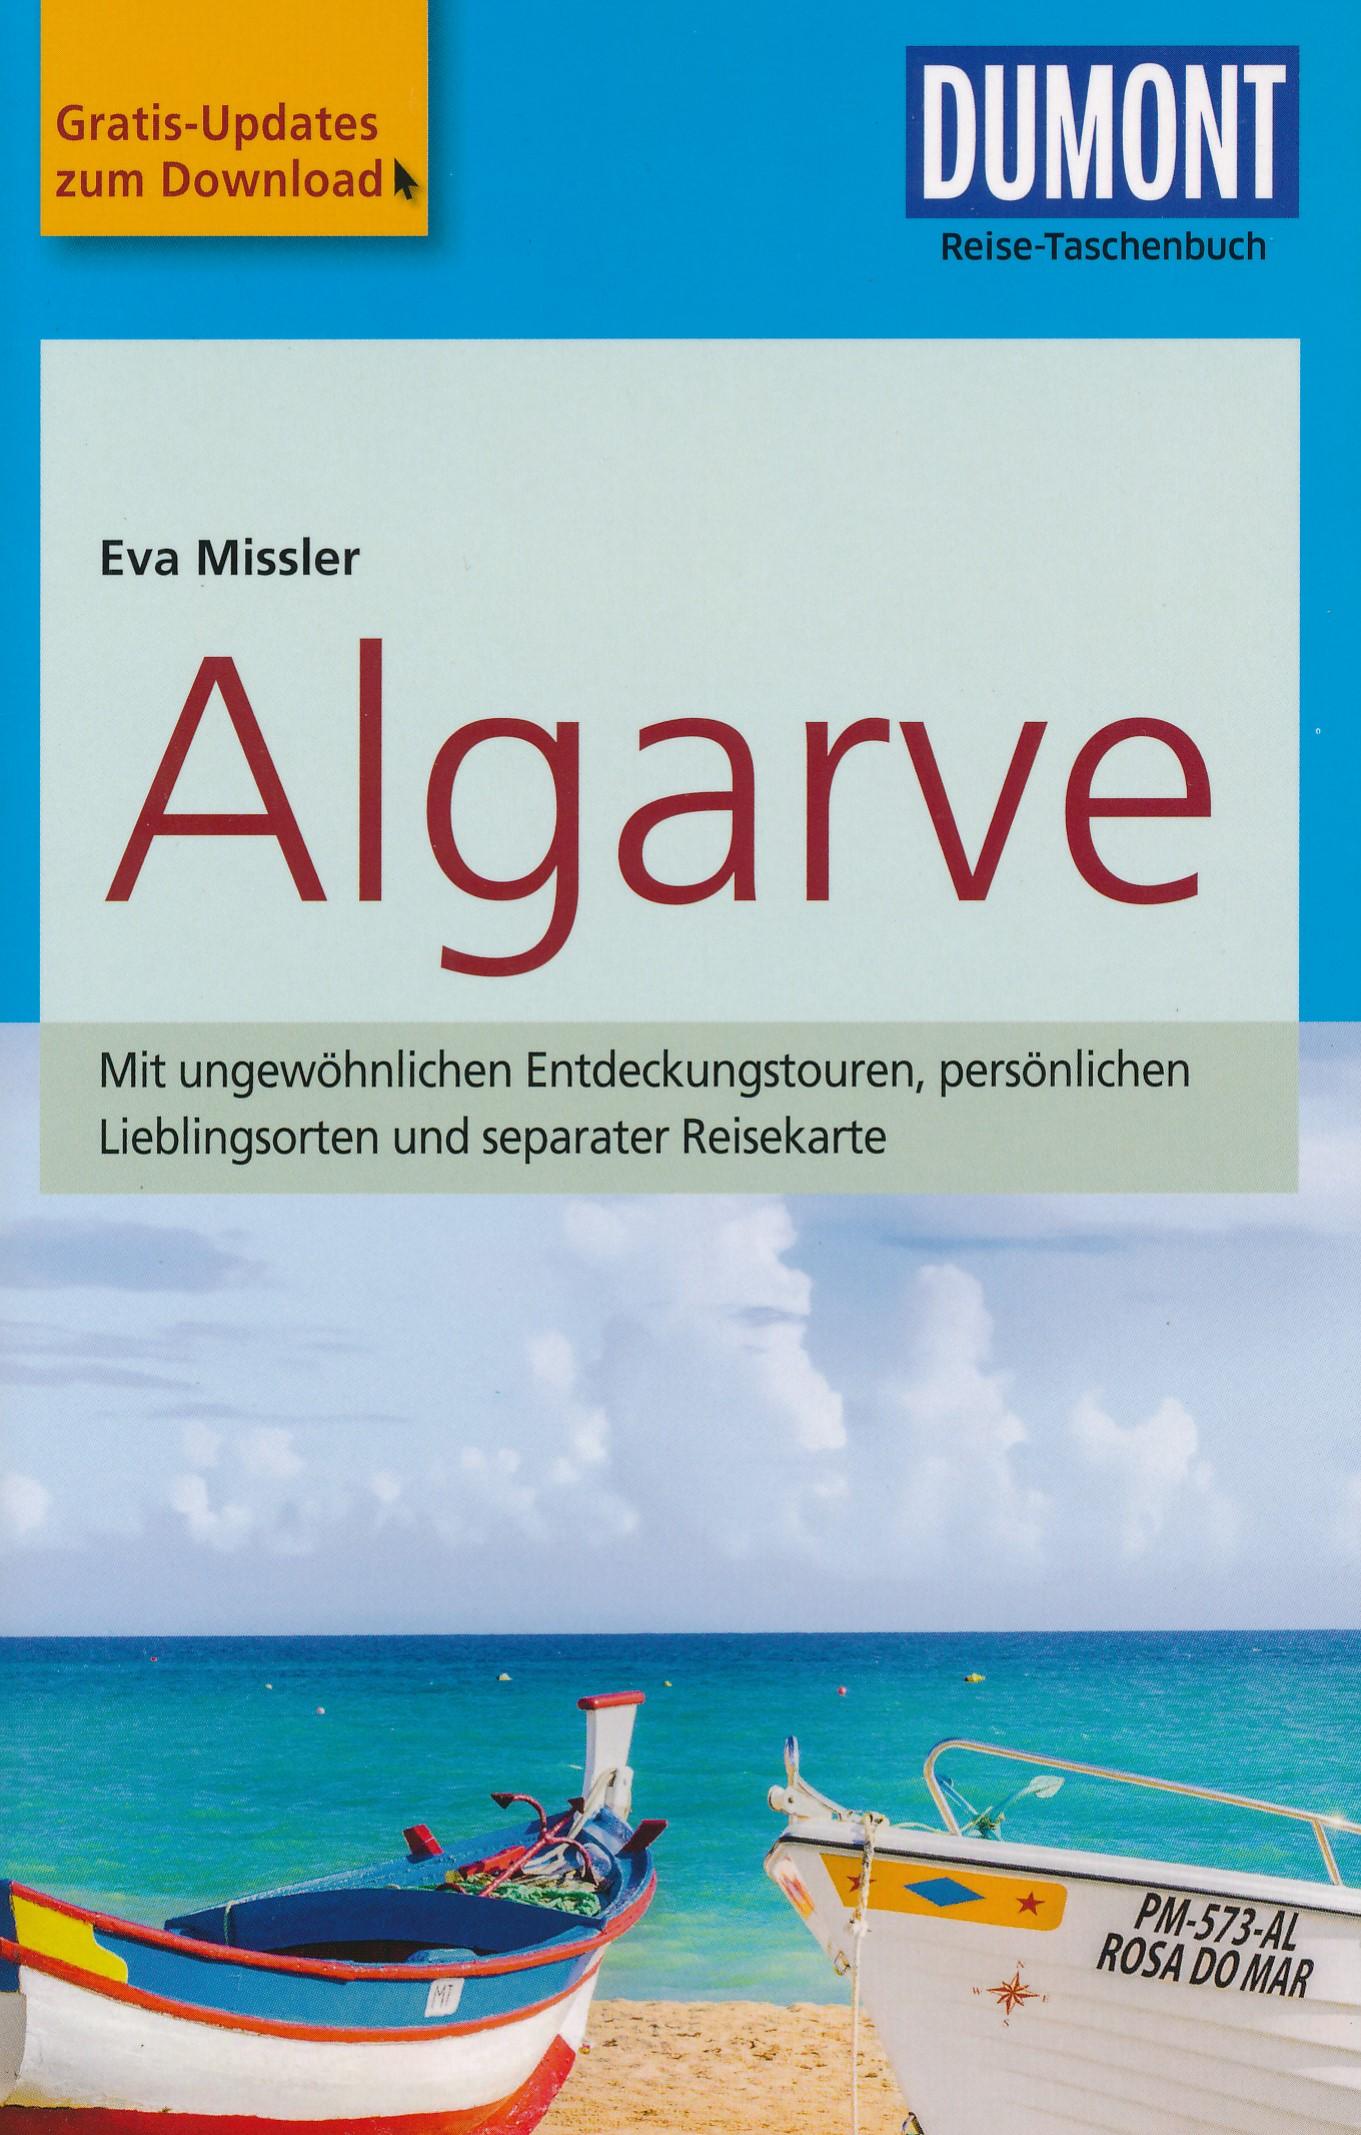 Reisgids Reise-Taschenbuch Algarve | Dumont